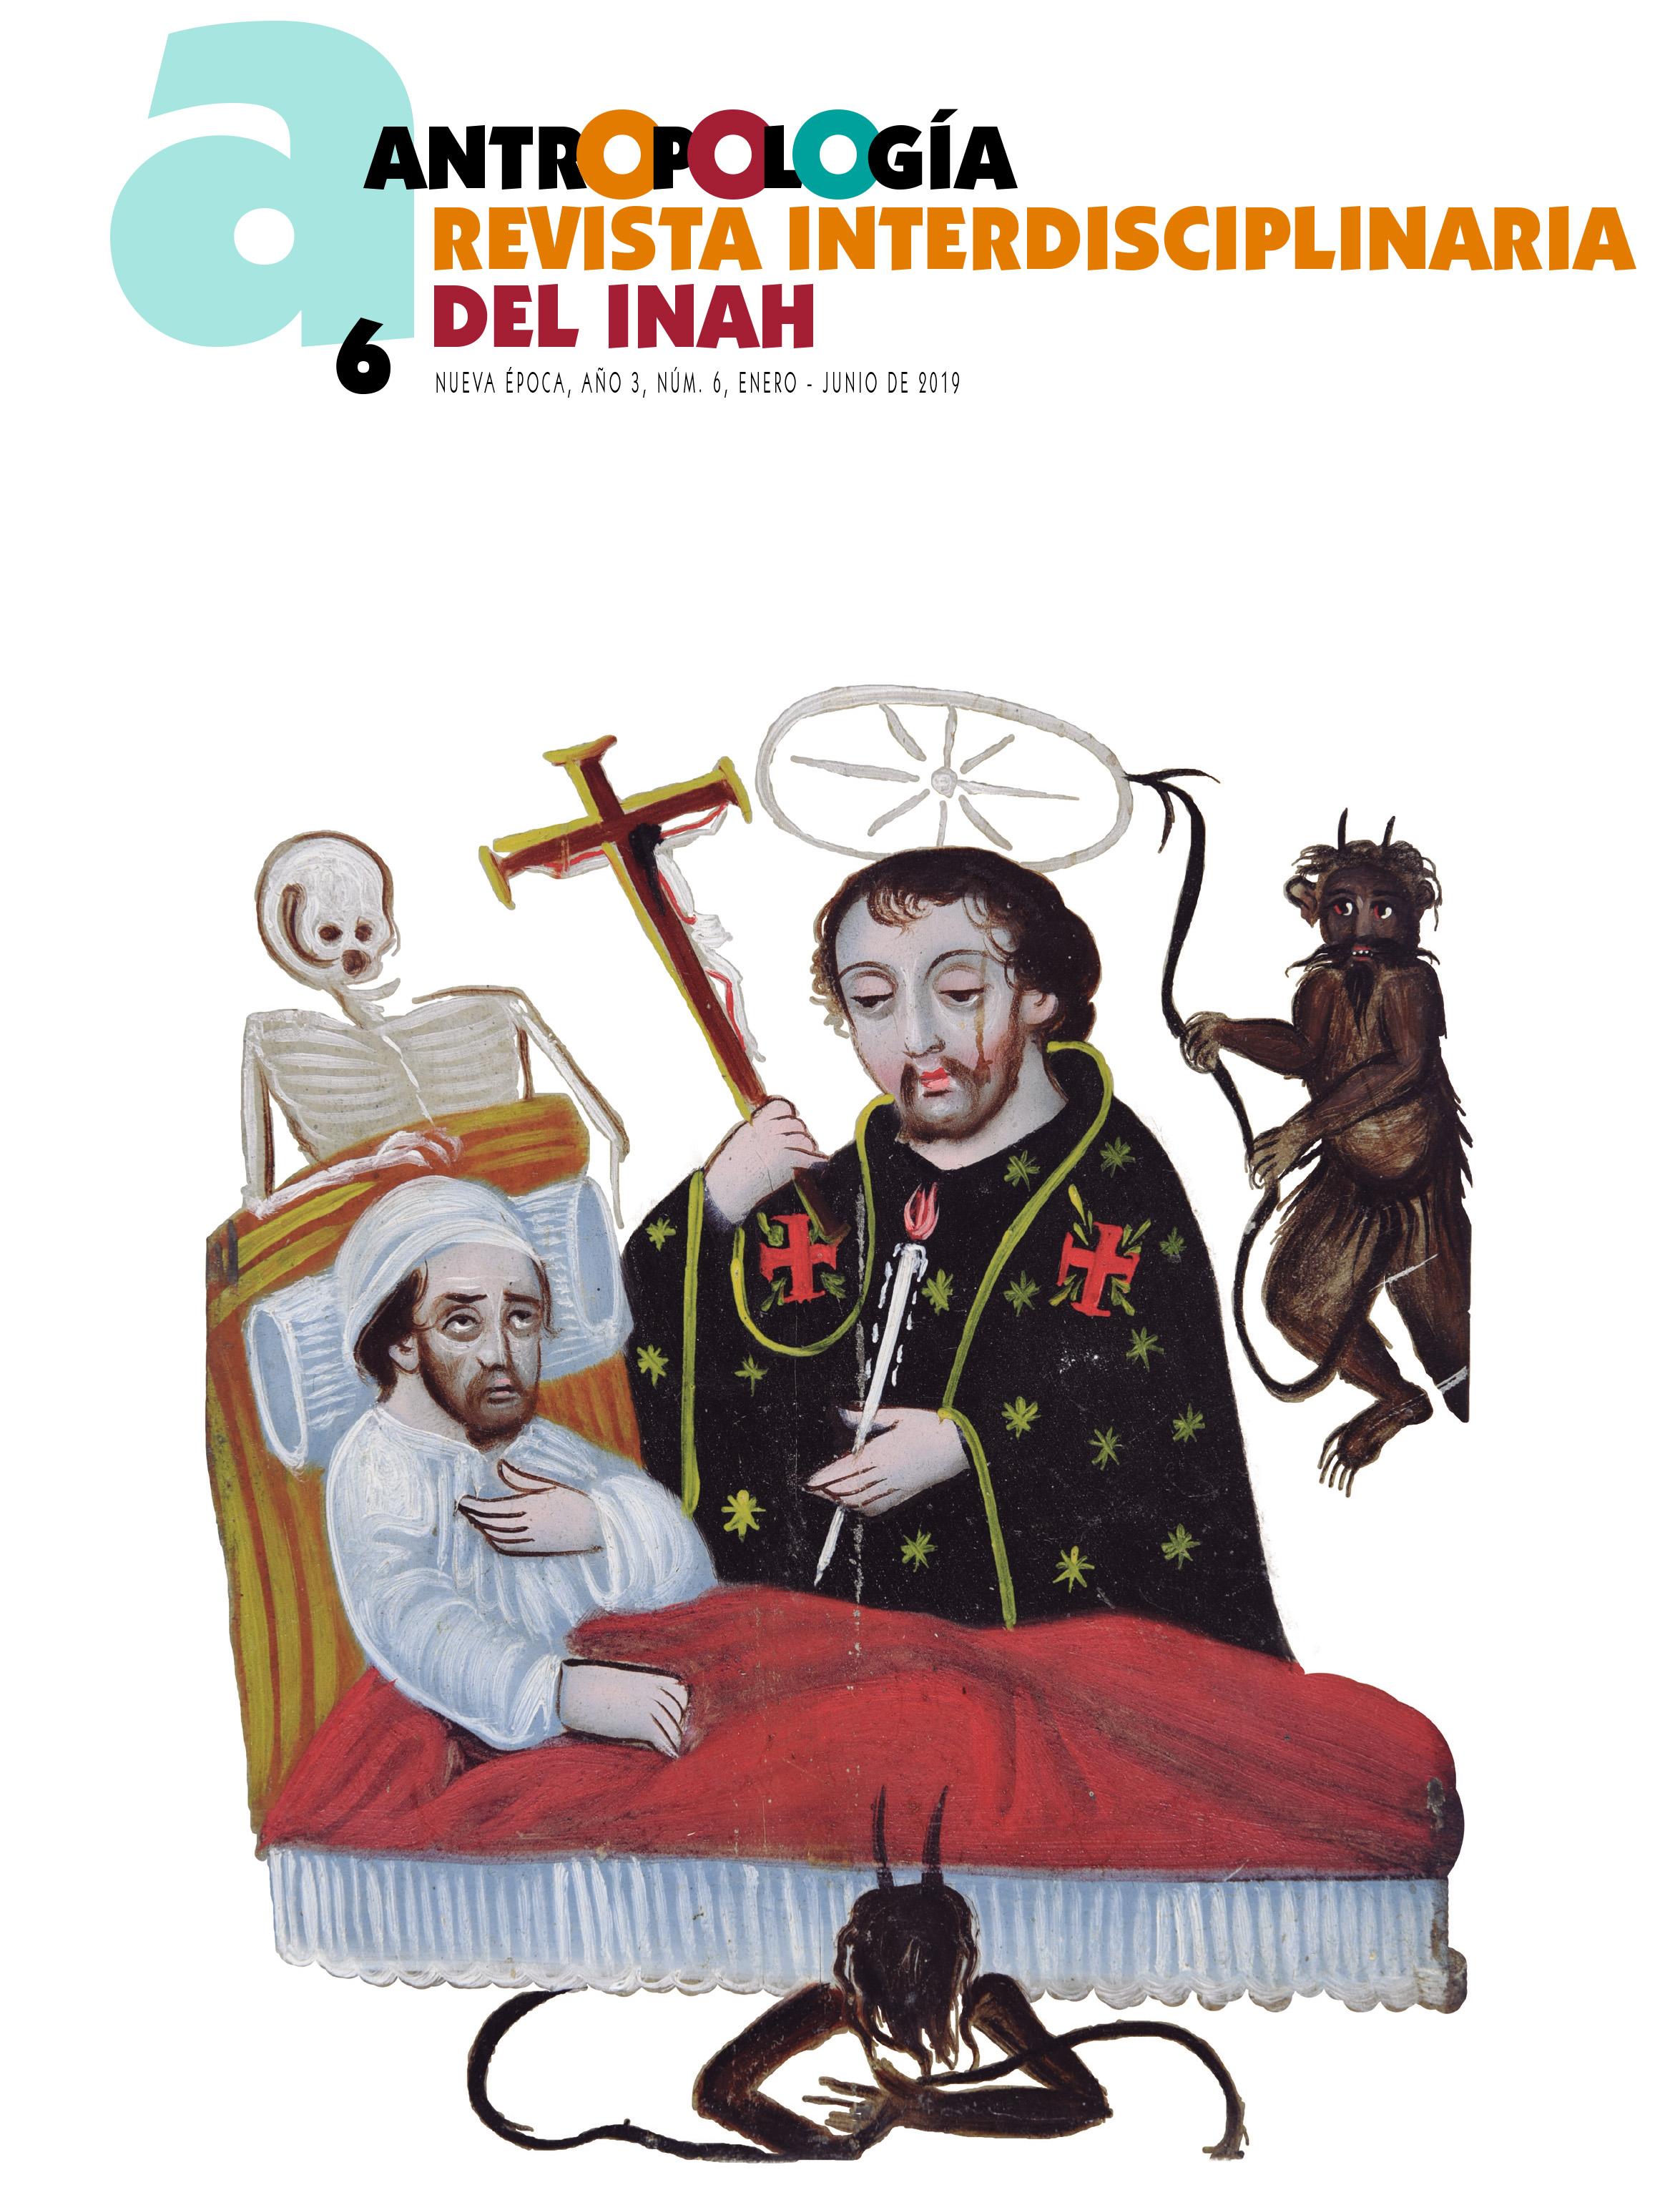 Ver Núm. 6 (2019): Antropología. Revista Interdisciplinaria del INAH